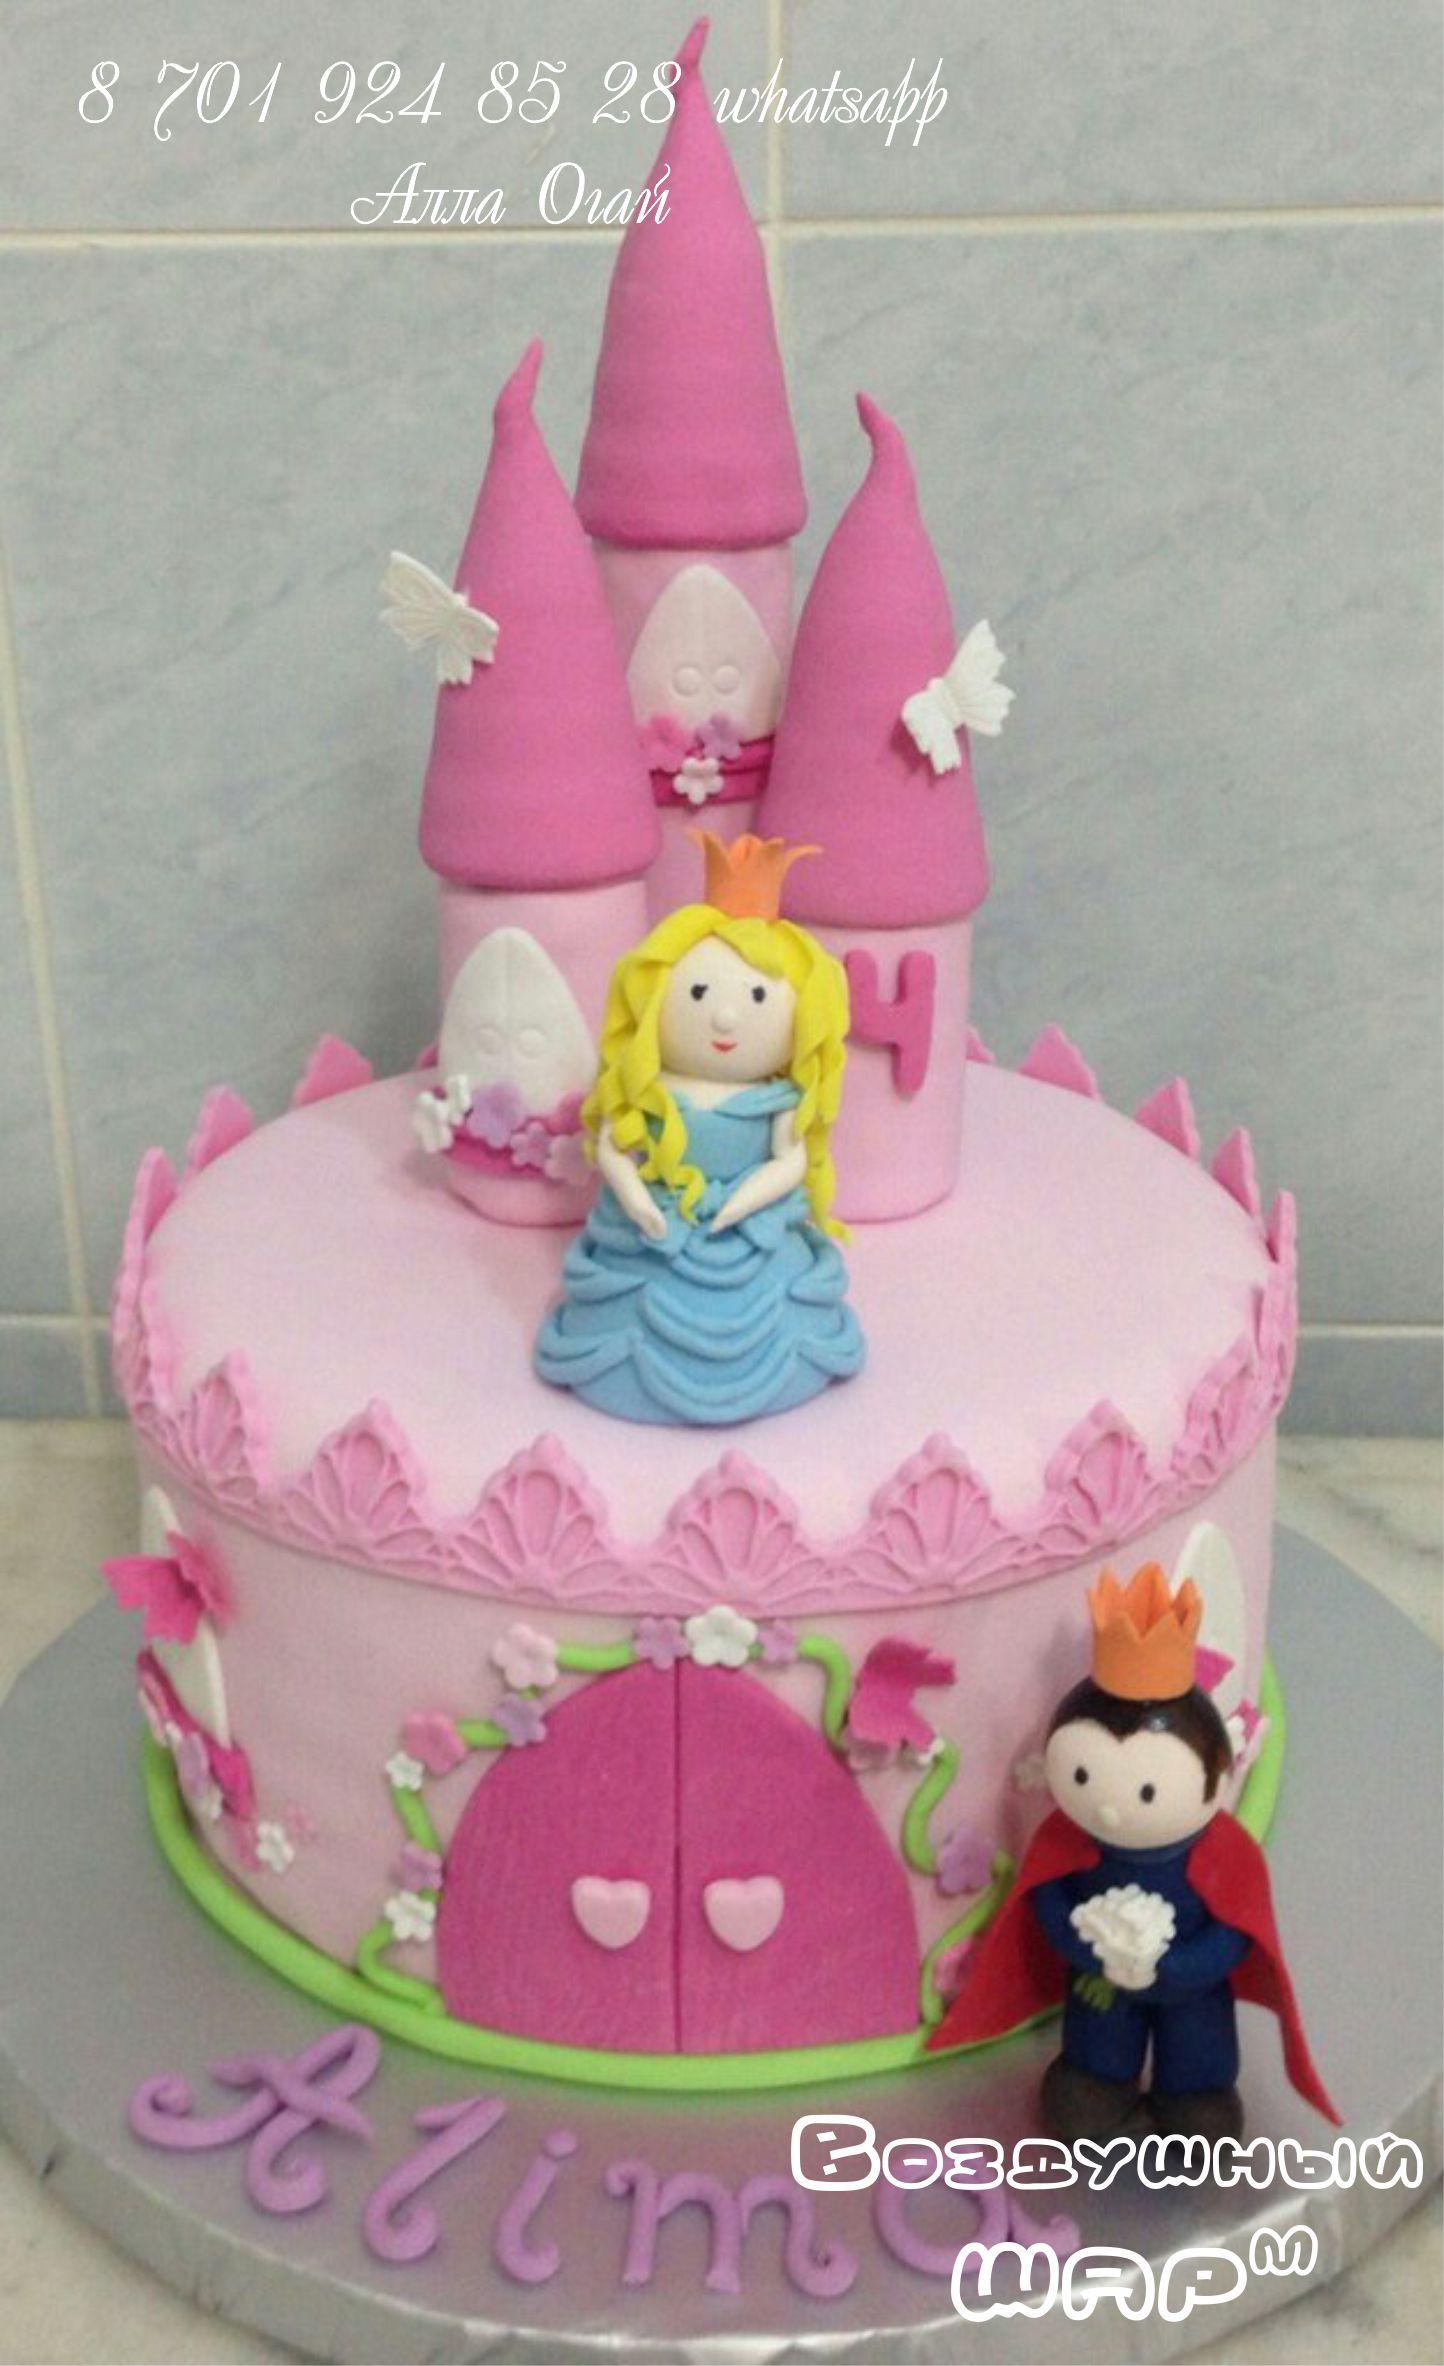 тематическое_оформление_детских_праздников__принцесса_из_шаров__аниматоры_принц_и_принцесса_замок.jpg